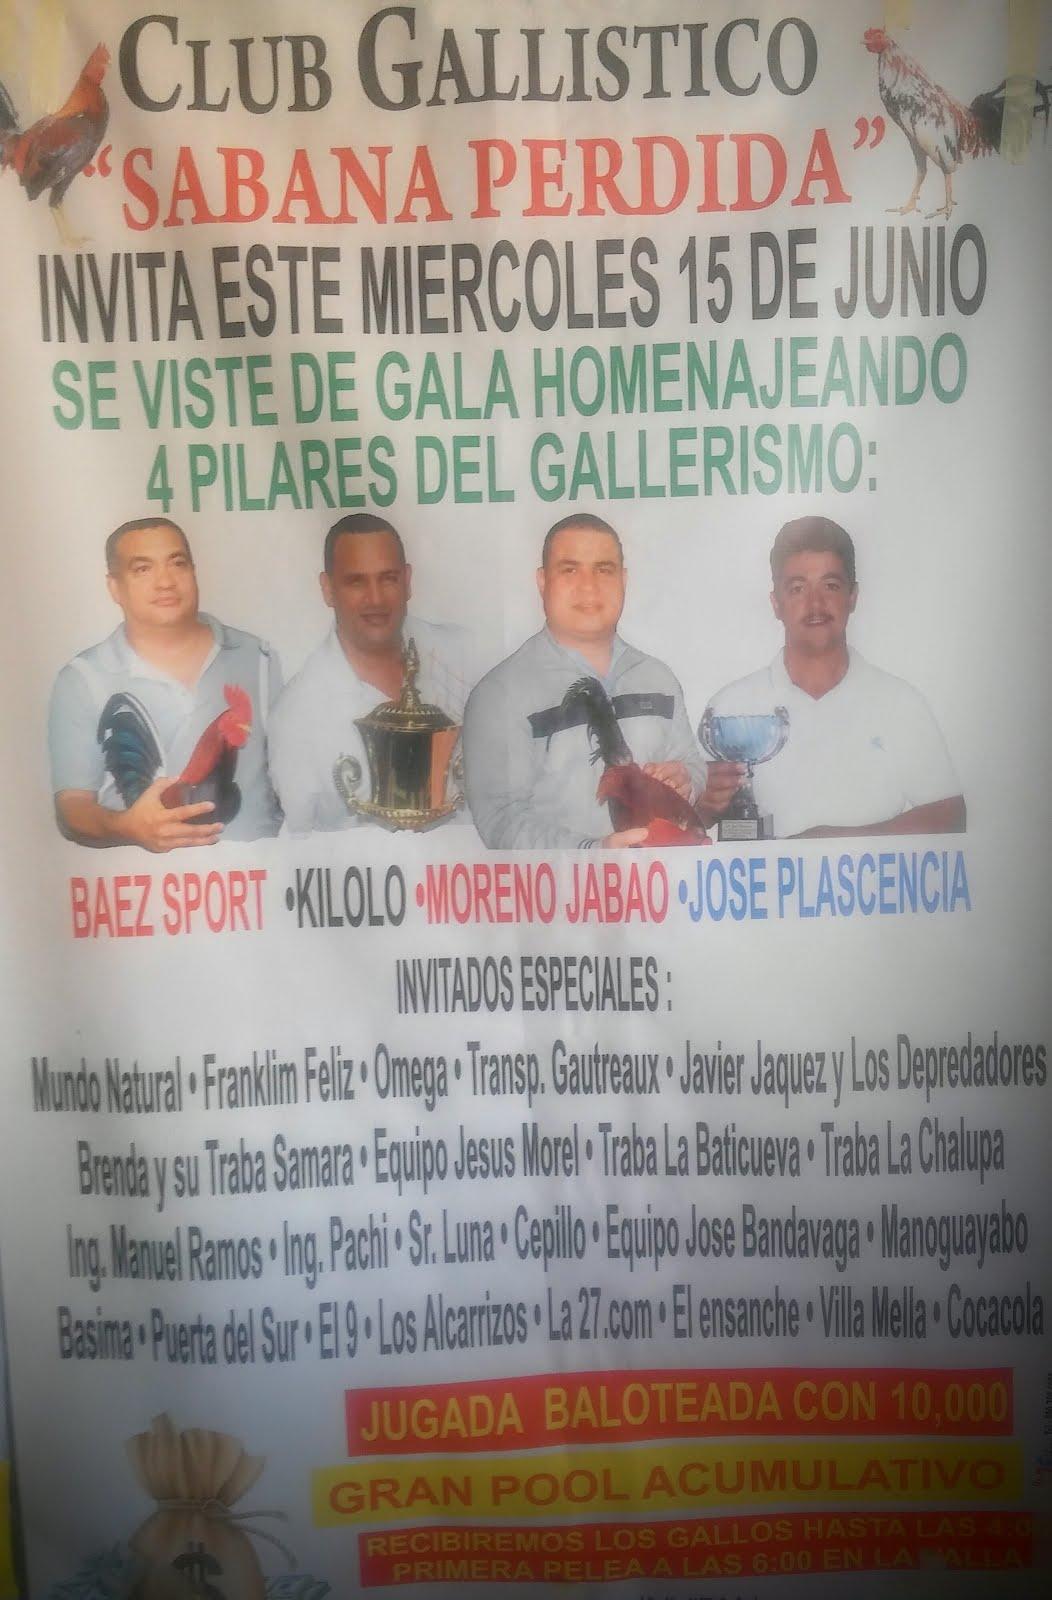 Gran Jugada Especial Miercoles 15 de Junio en el Club Gallistico JM de Sabana Perdida.